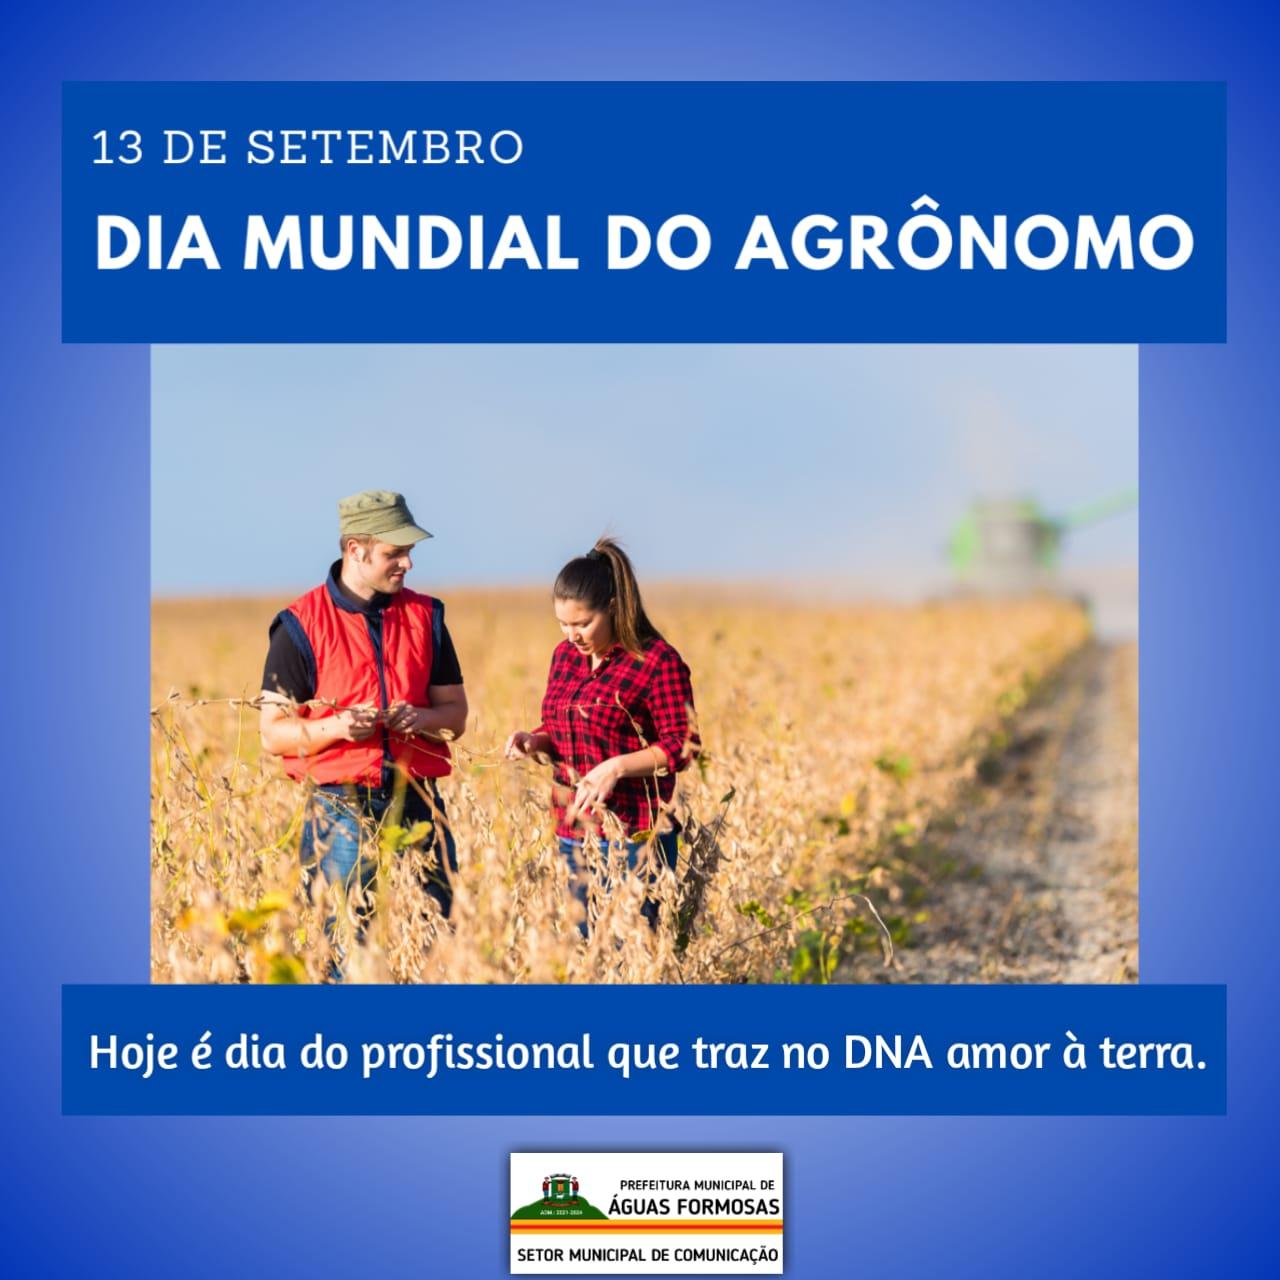 13 DE SETEMBRO - DIA MUNDIAL DO AGRÔNOMO